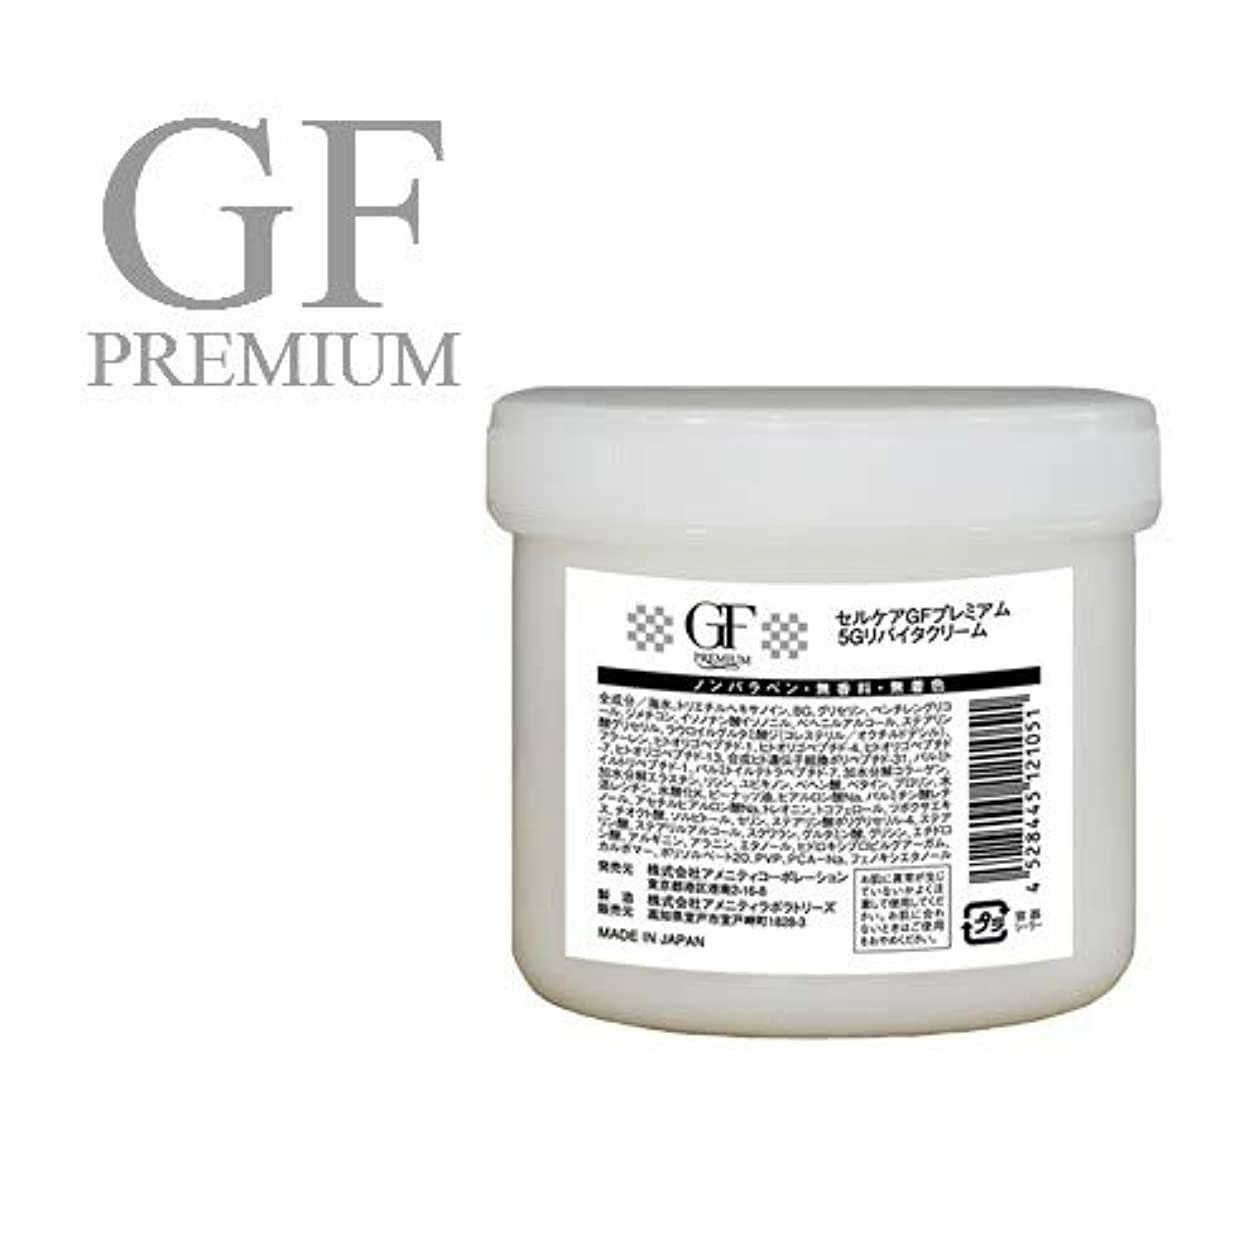 思いやりファウルバナーセルケア GF プレミアム 5G リバイタクリーム お徳用 250g